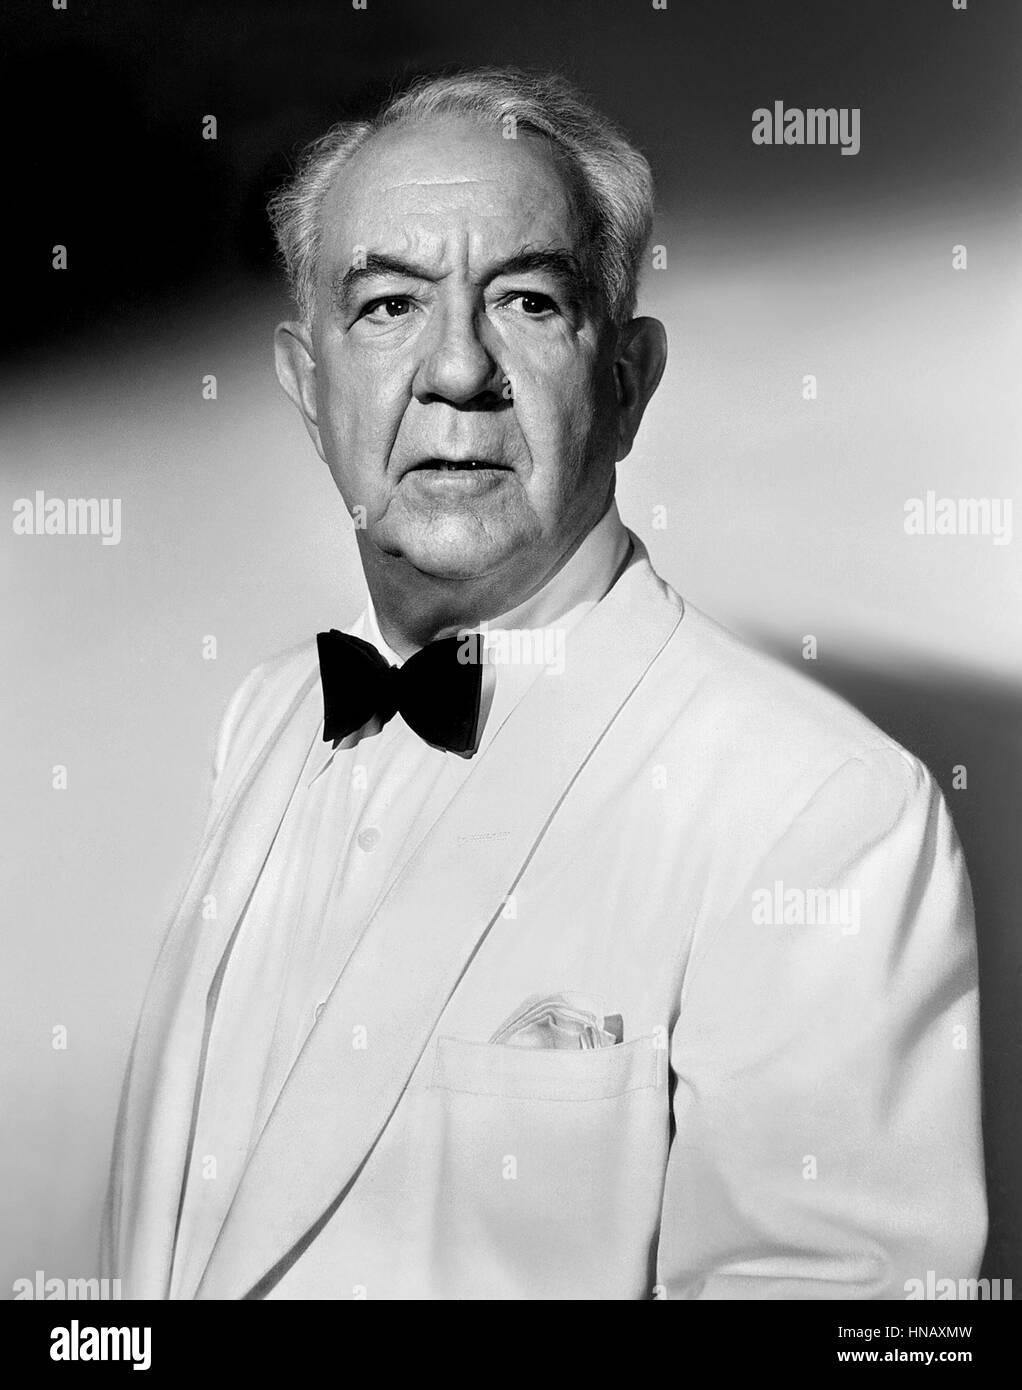 CECIL KELLAWAY ACTOR (1955) - Stock Image